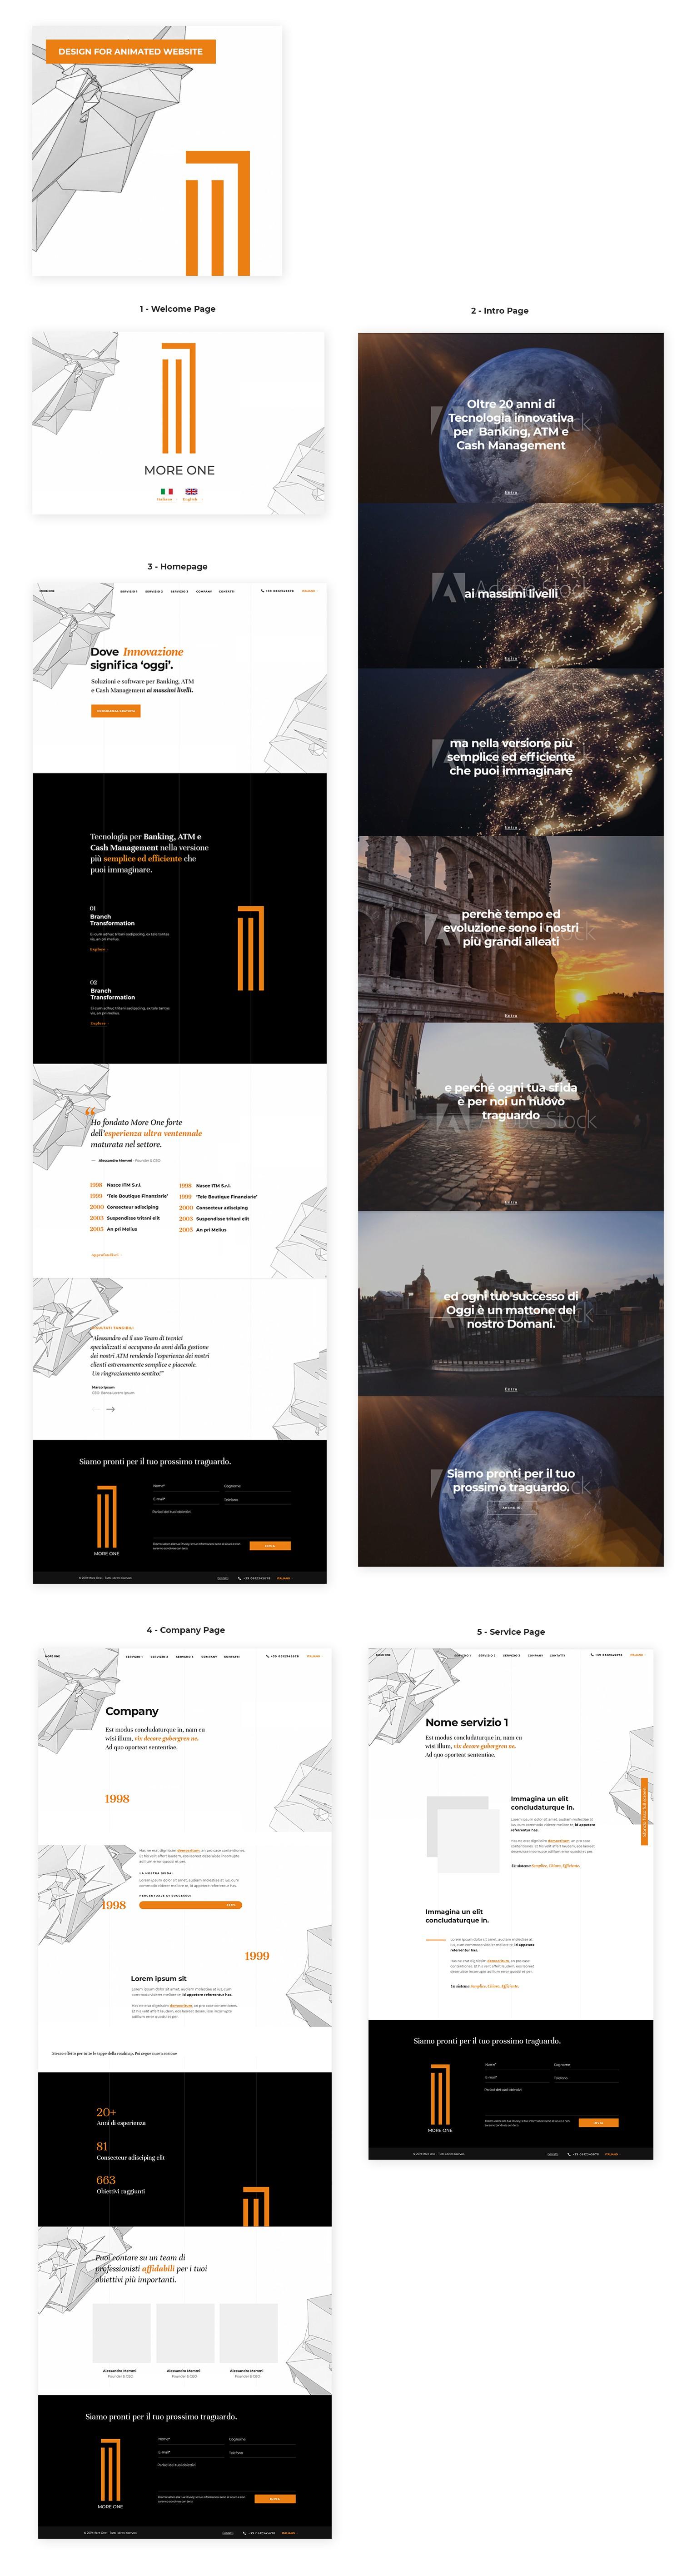 More One creare un nuovo sito innovativo